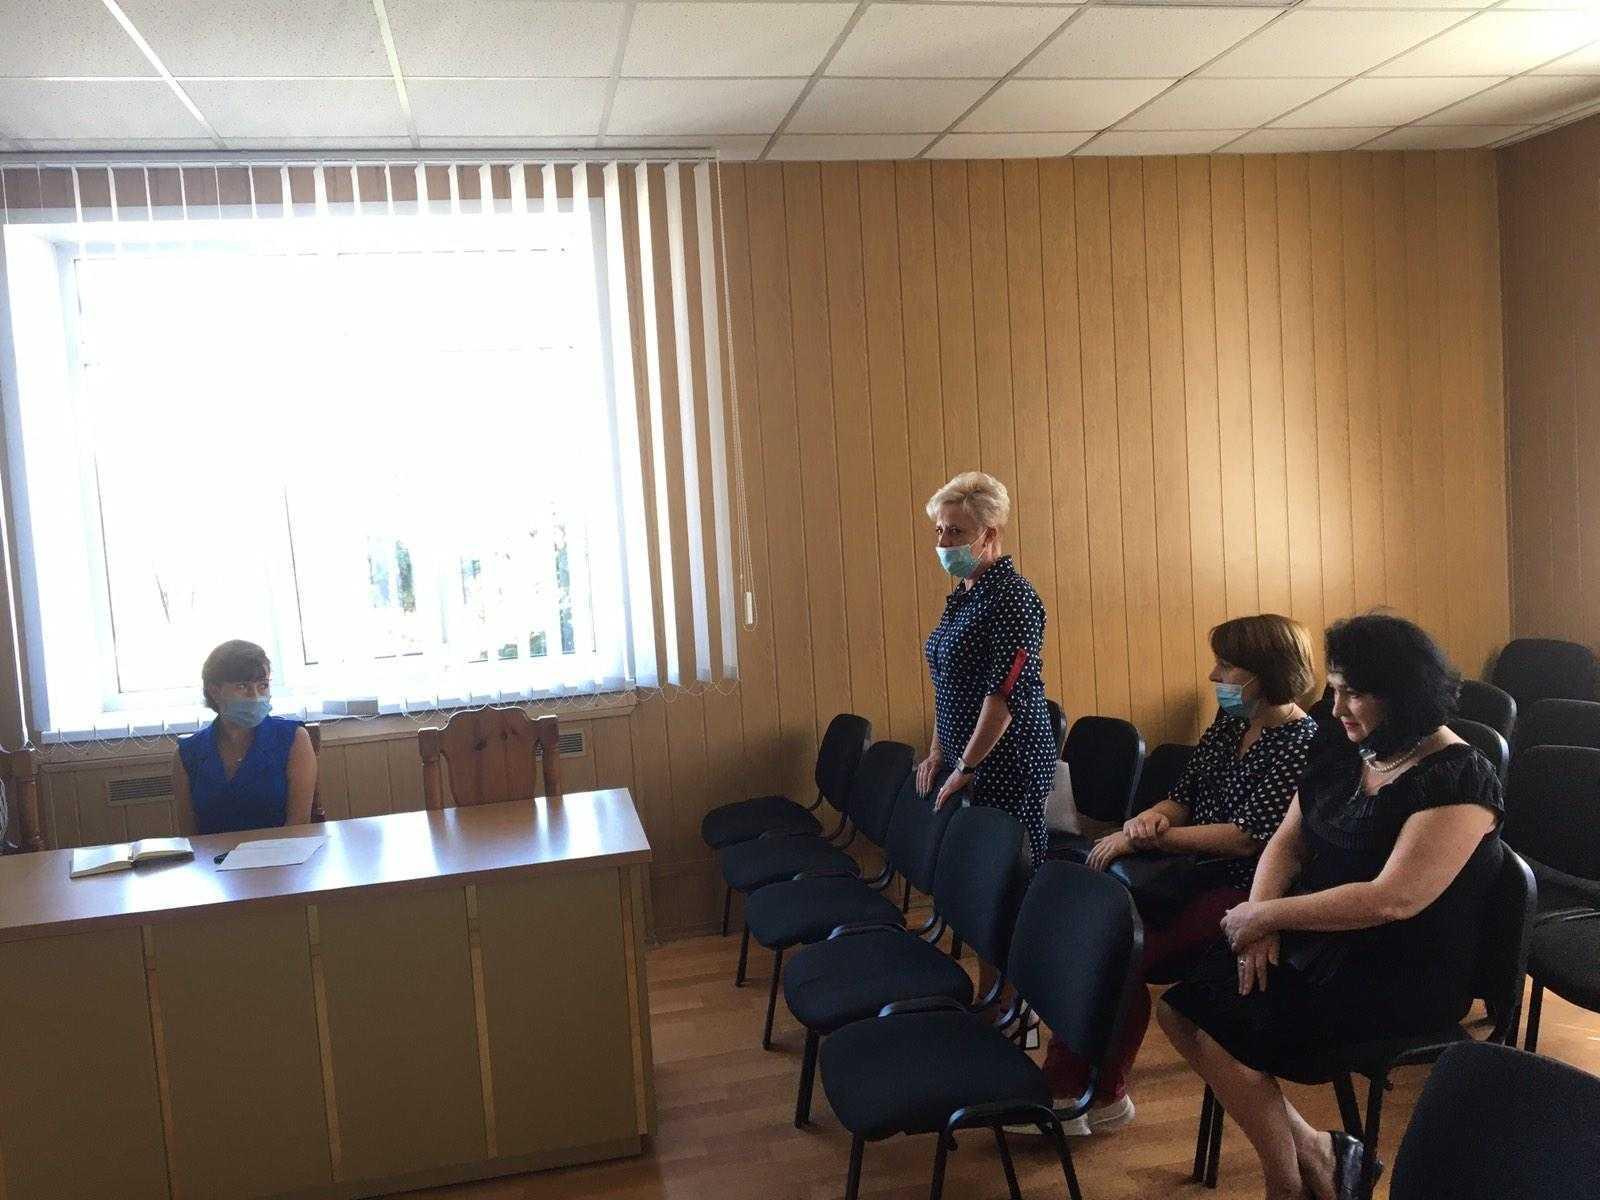 yzobrazhenye viber 2020 09 09 10 45 57 - Засідання комісії з питань захисту прав дитини Покровської райдержадміністрації